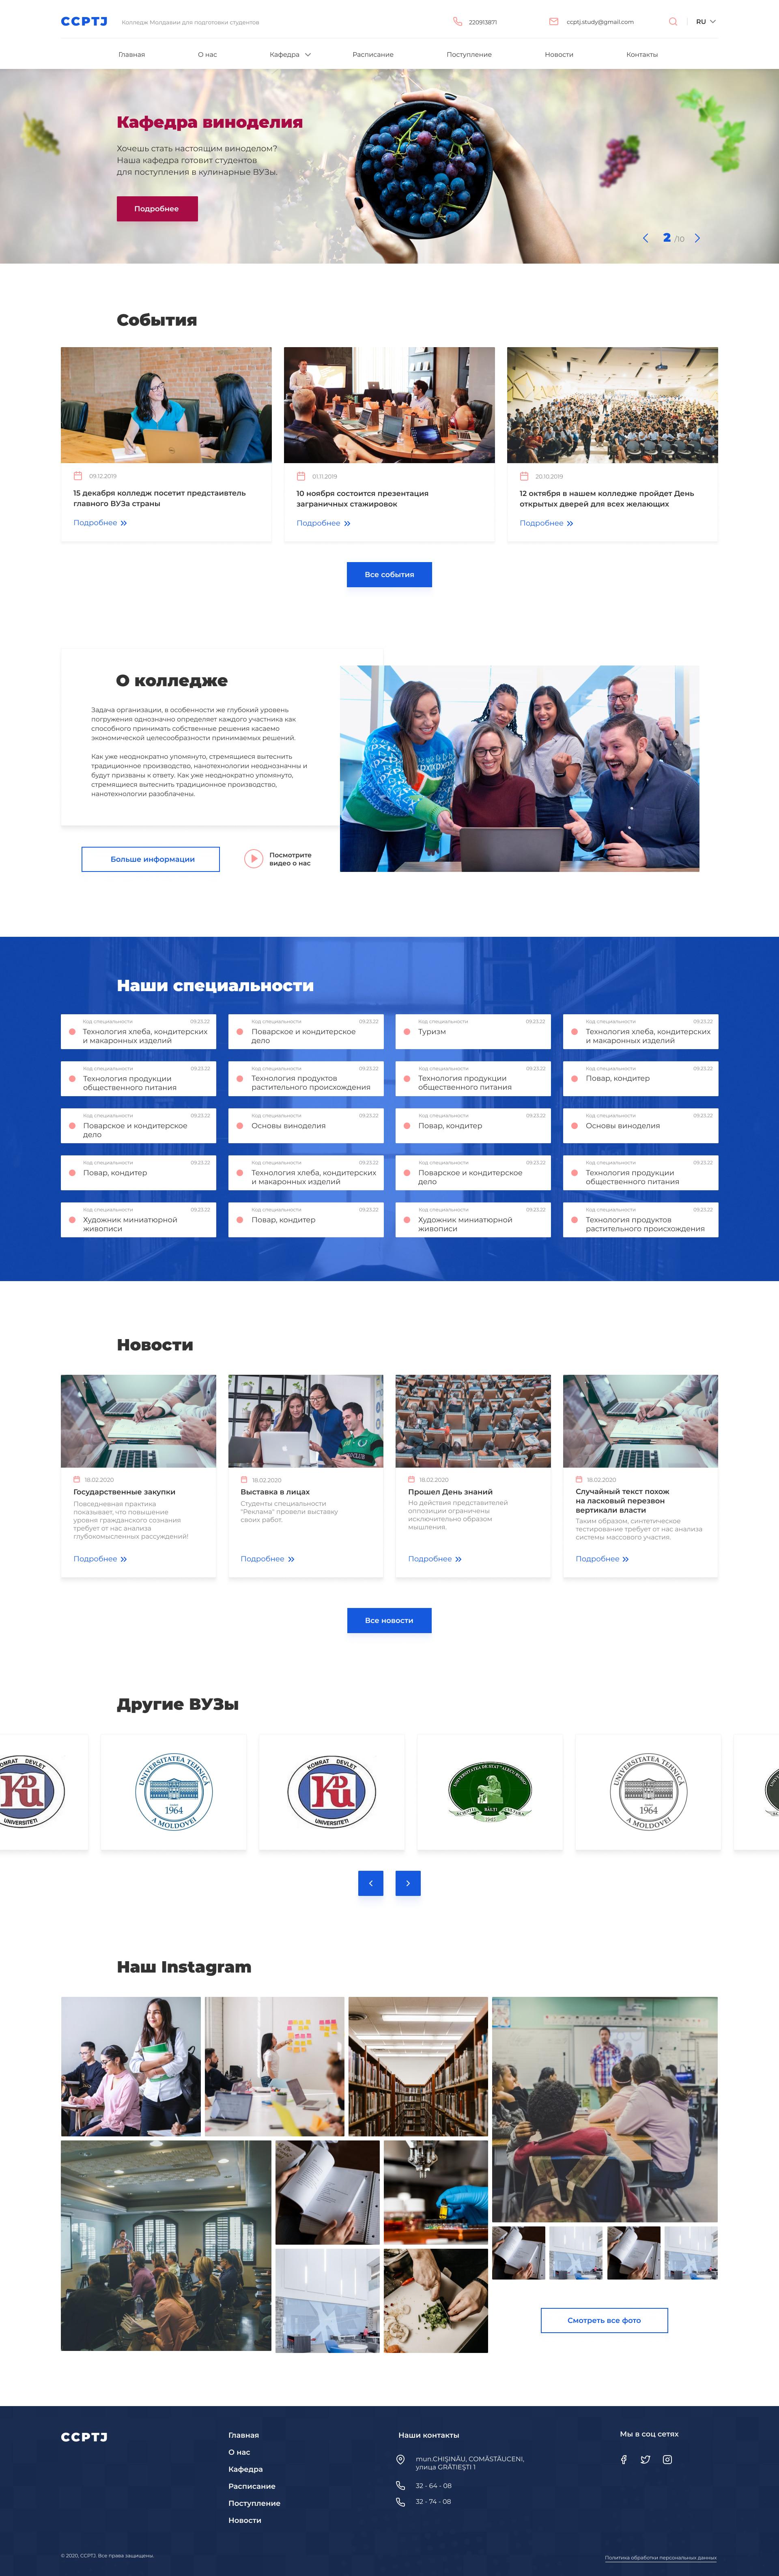 Разработка дизайна сайта колледжа фото f_7225e5e52c254ba4.jpg